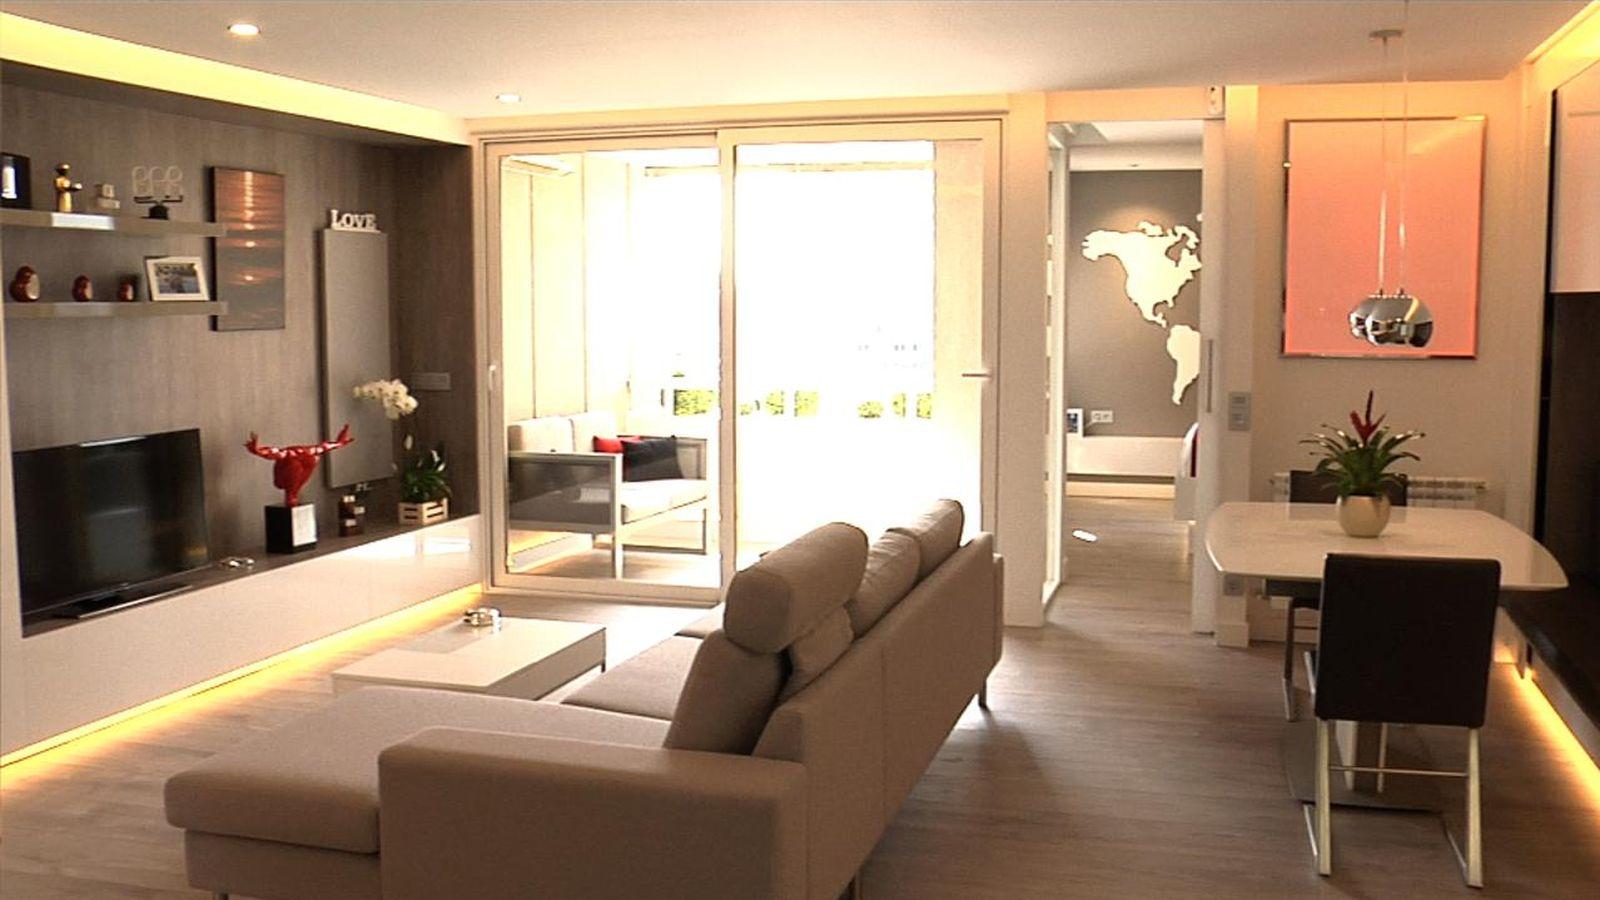 Comprar casa un 10% más barato, invertir 75.000 € en la reforma y no ...